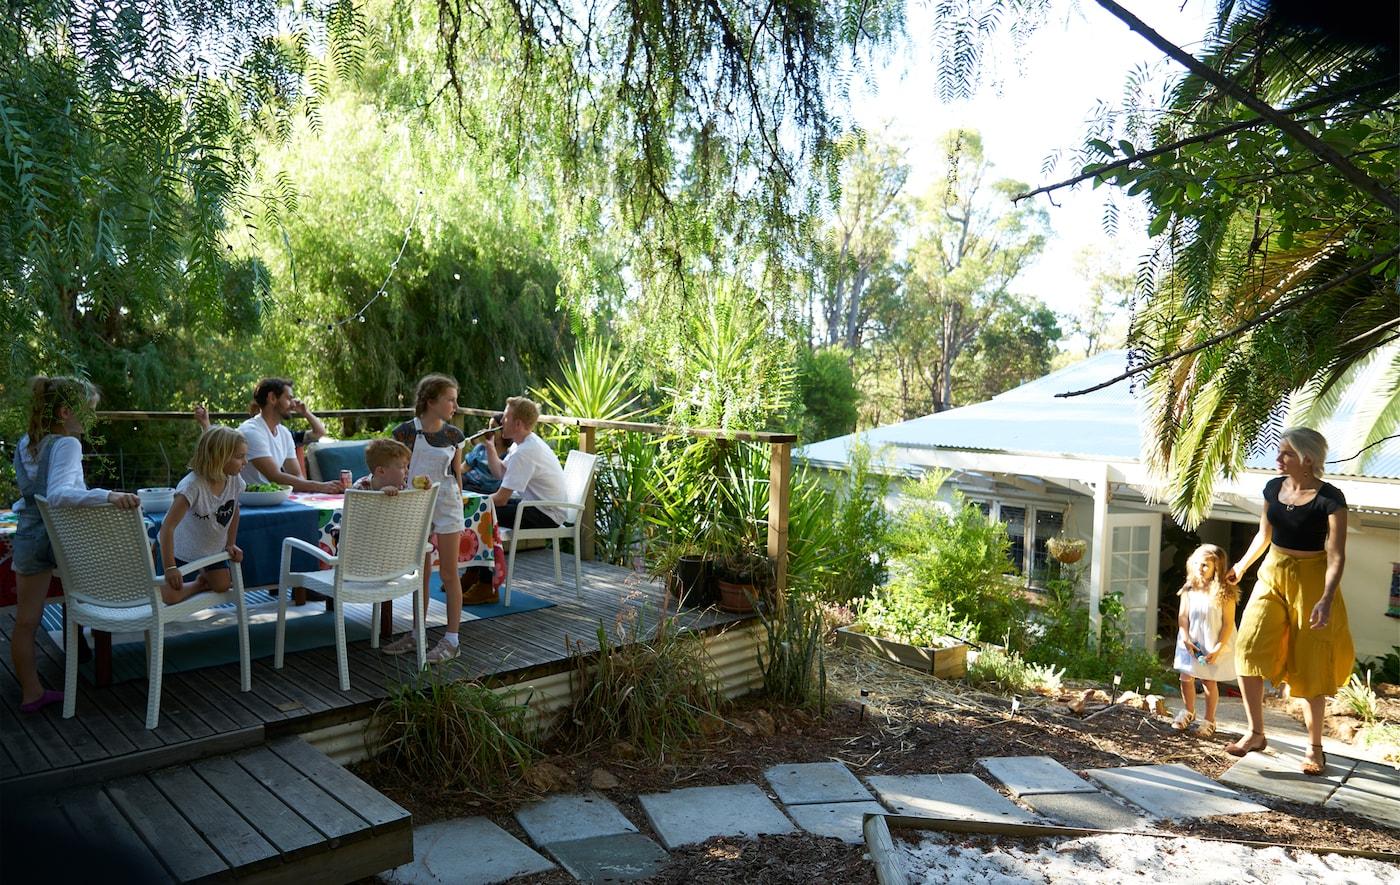 Landareak eta lauzak dituen lorategian terraza garai bat dago. Bertan, mahai baten inguruan, pertsona batzuk jesarrita daude.